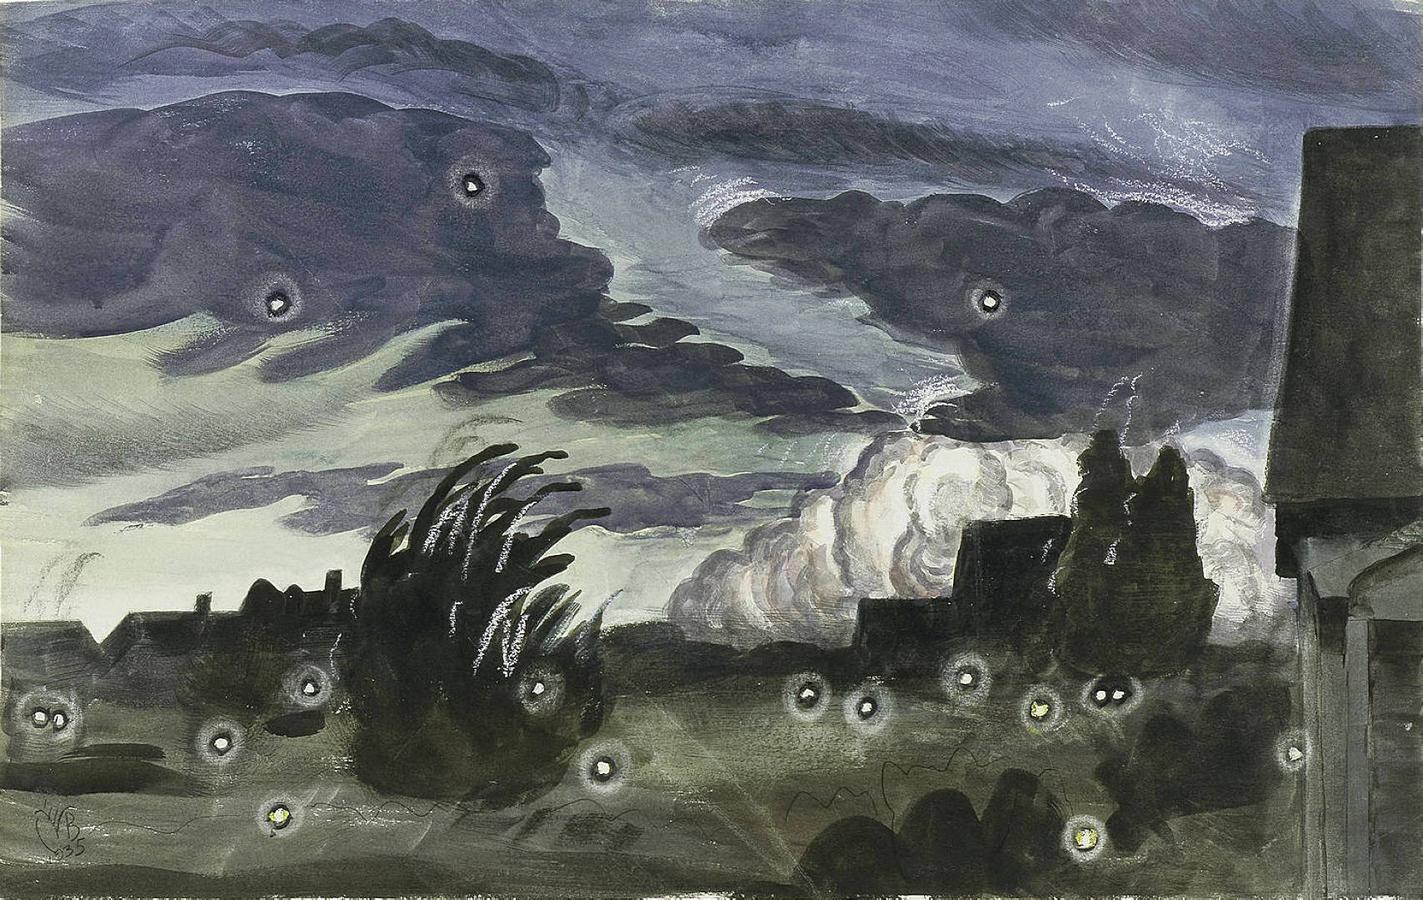 1318002i125_www.nevsepic.com.ua_night-scene-1935.jpg